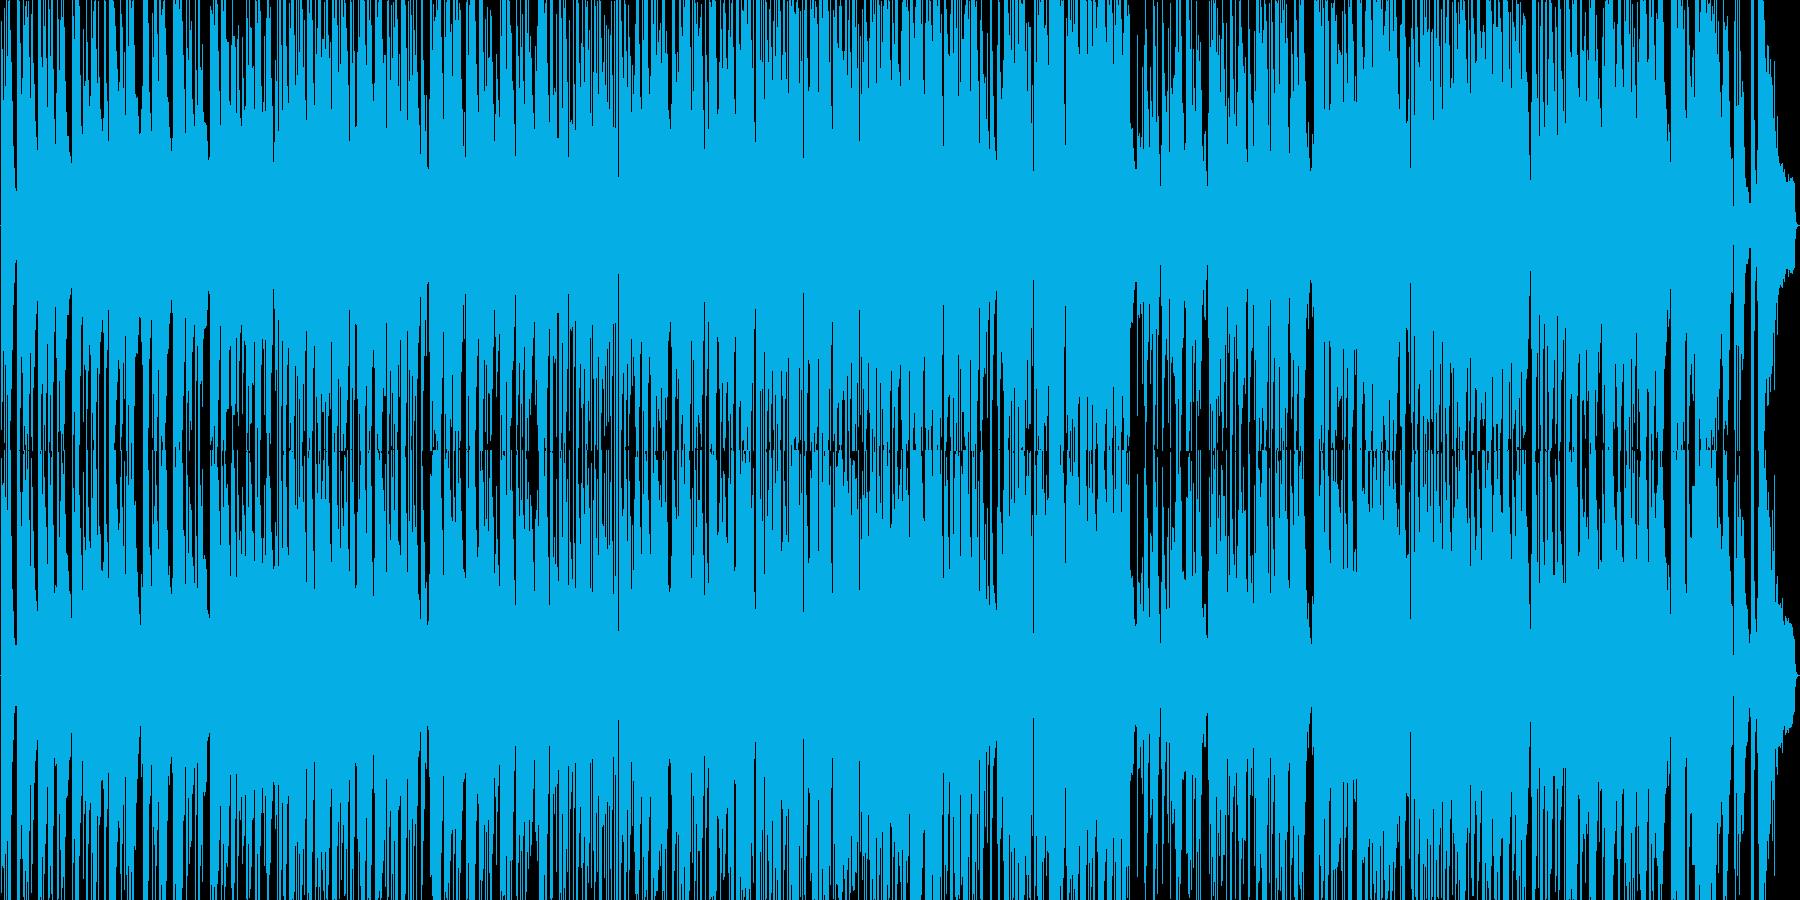 ガーシュウィンのピアノトリオバラードの再生済みの波形